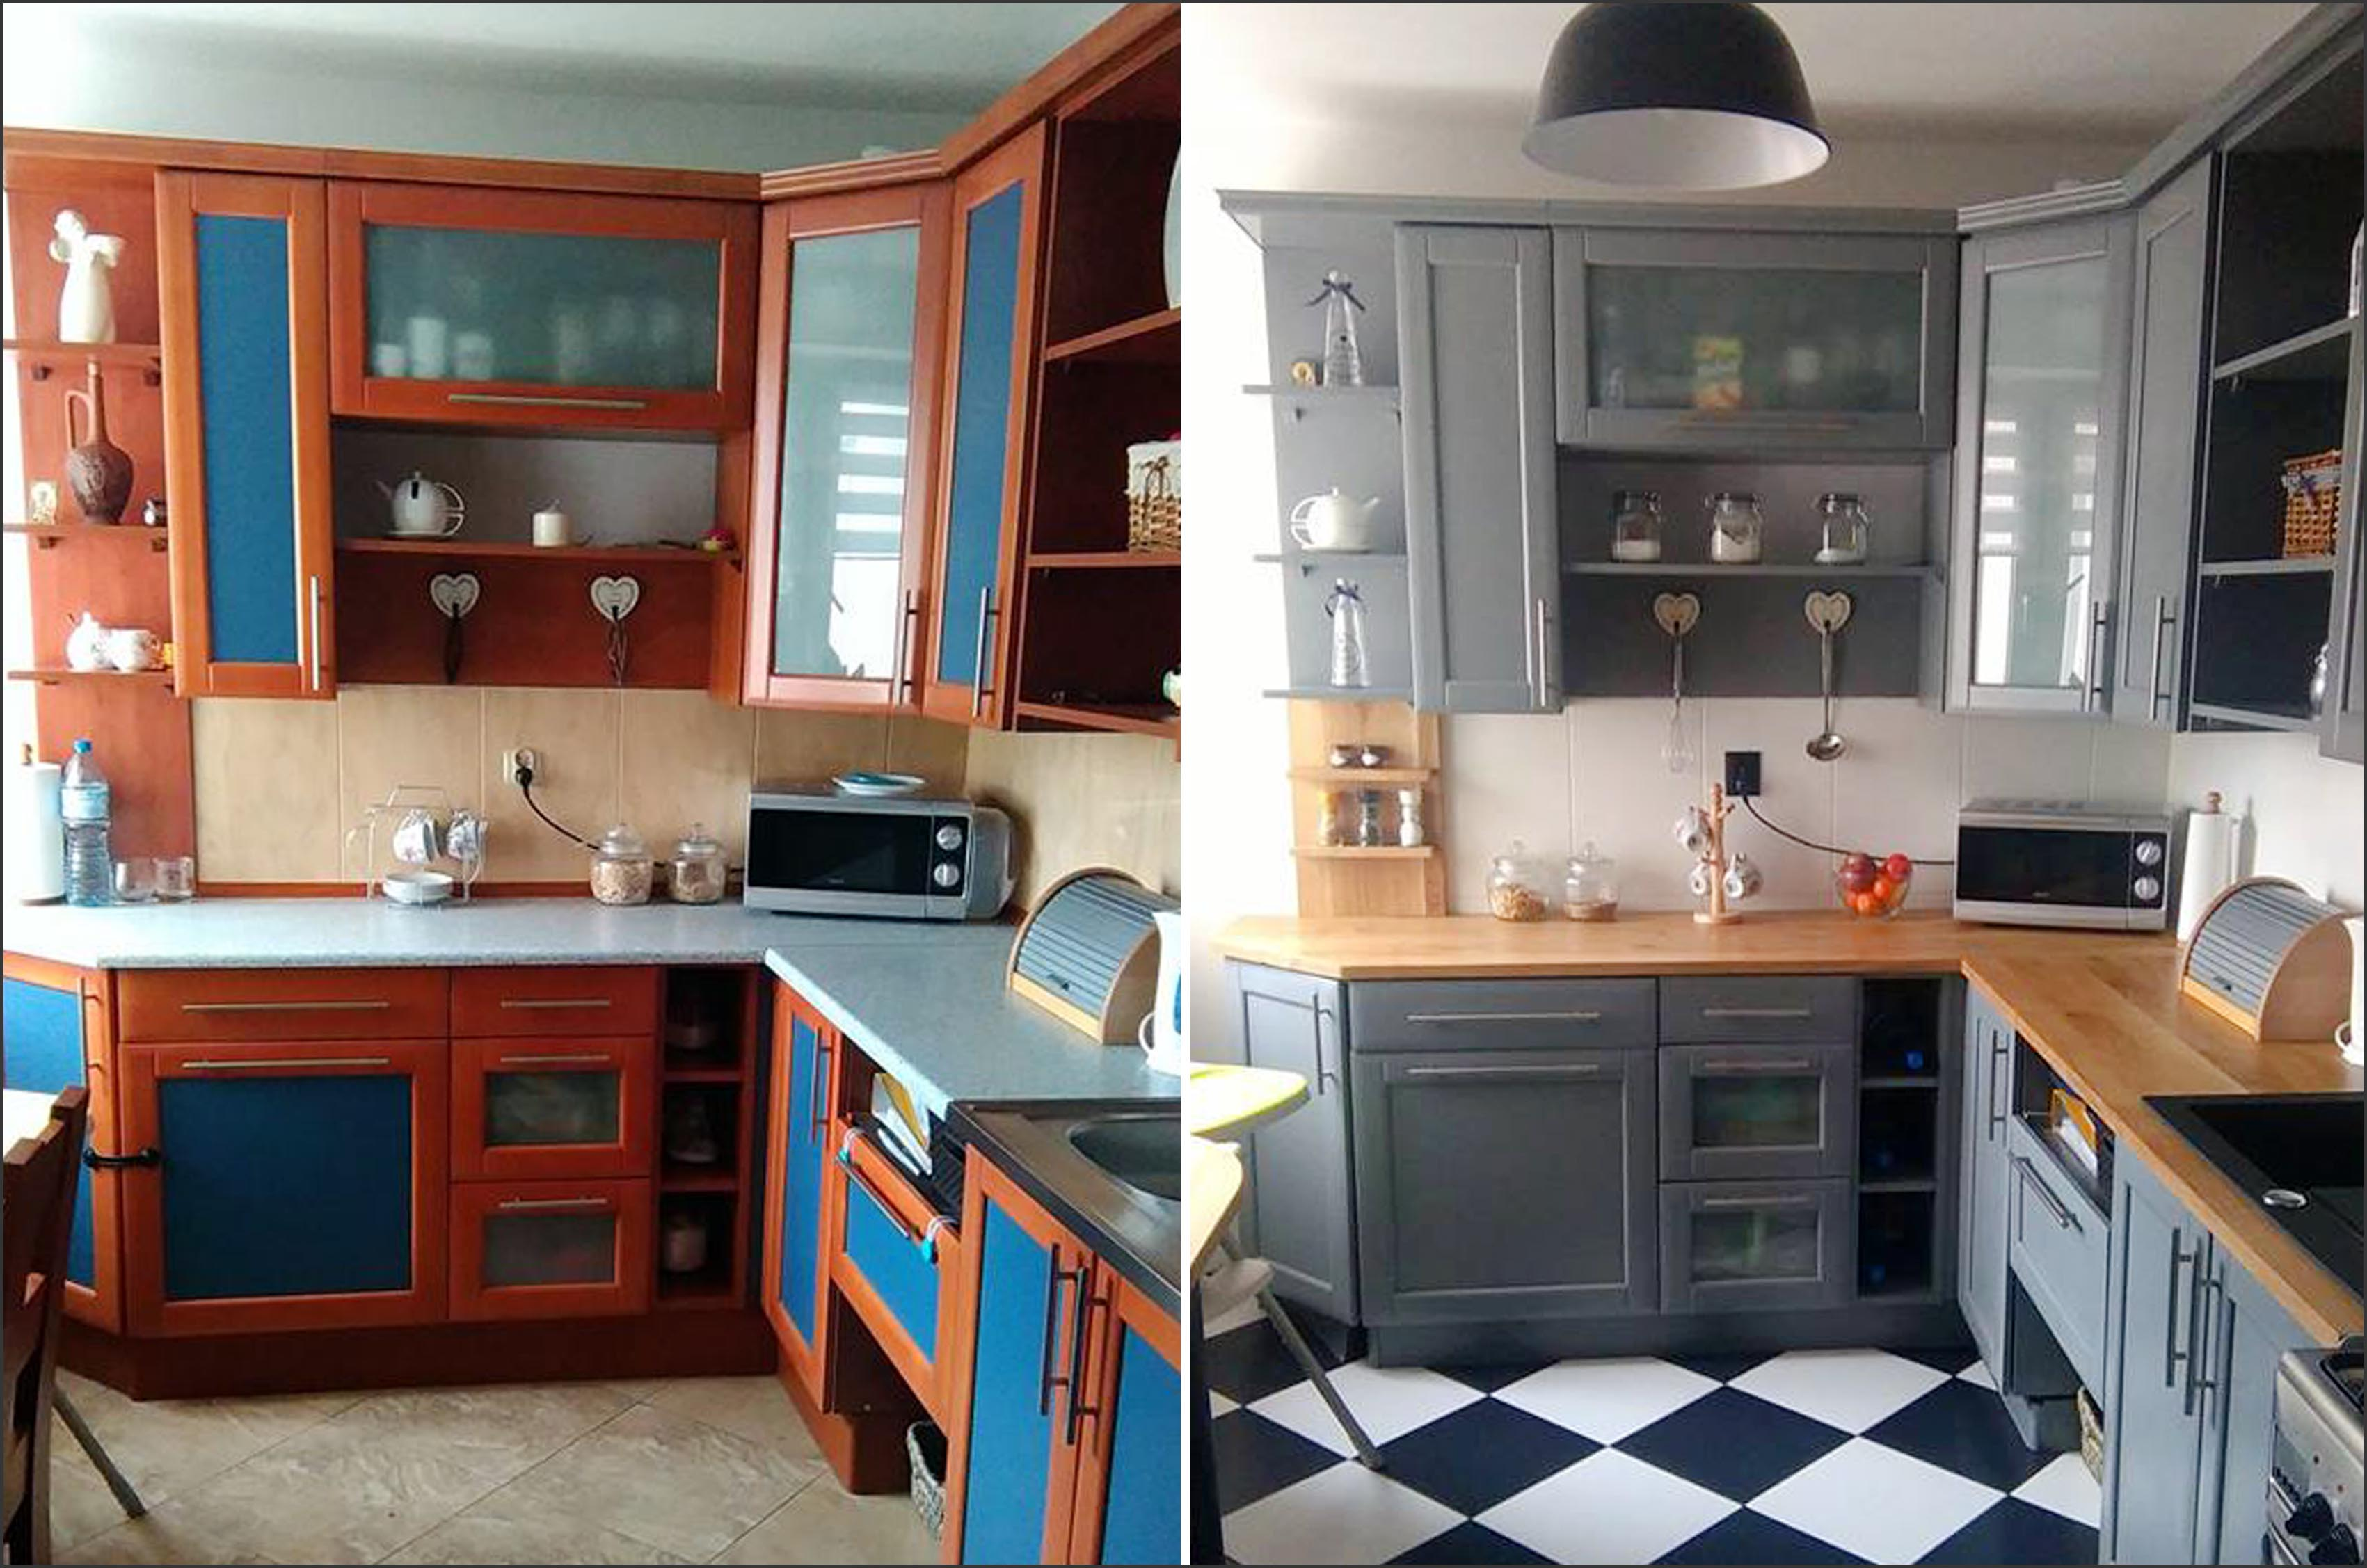 Jak szybko i tanio odmienić kuchnię? - malujemy meble kuchenne